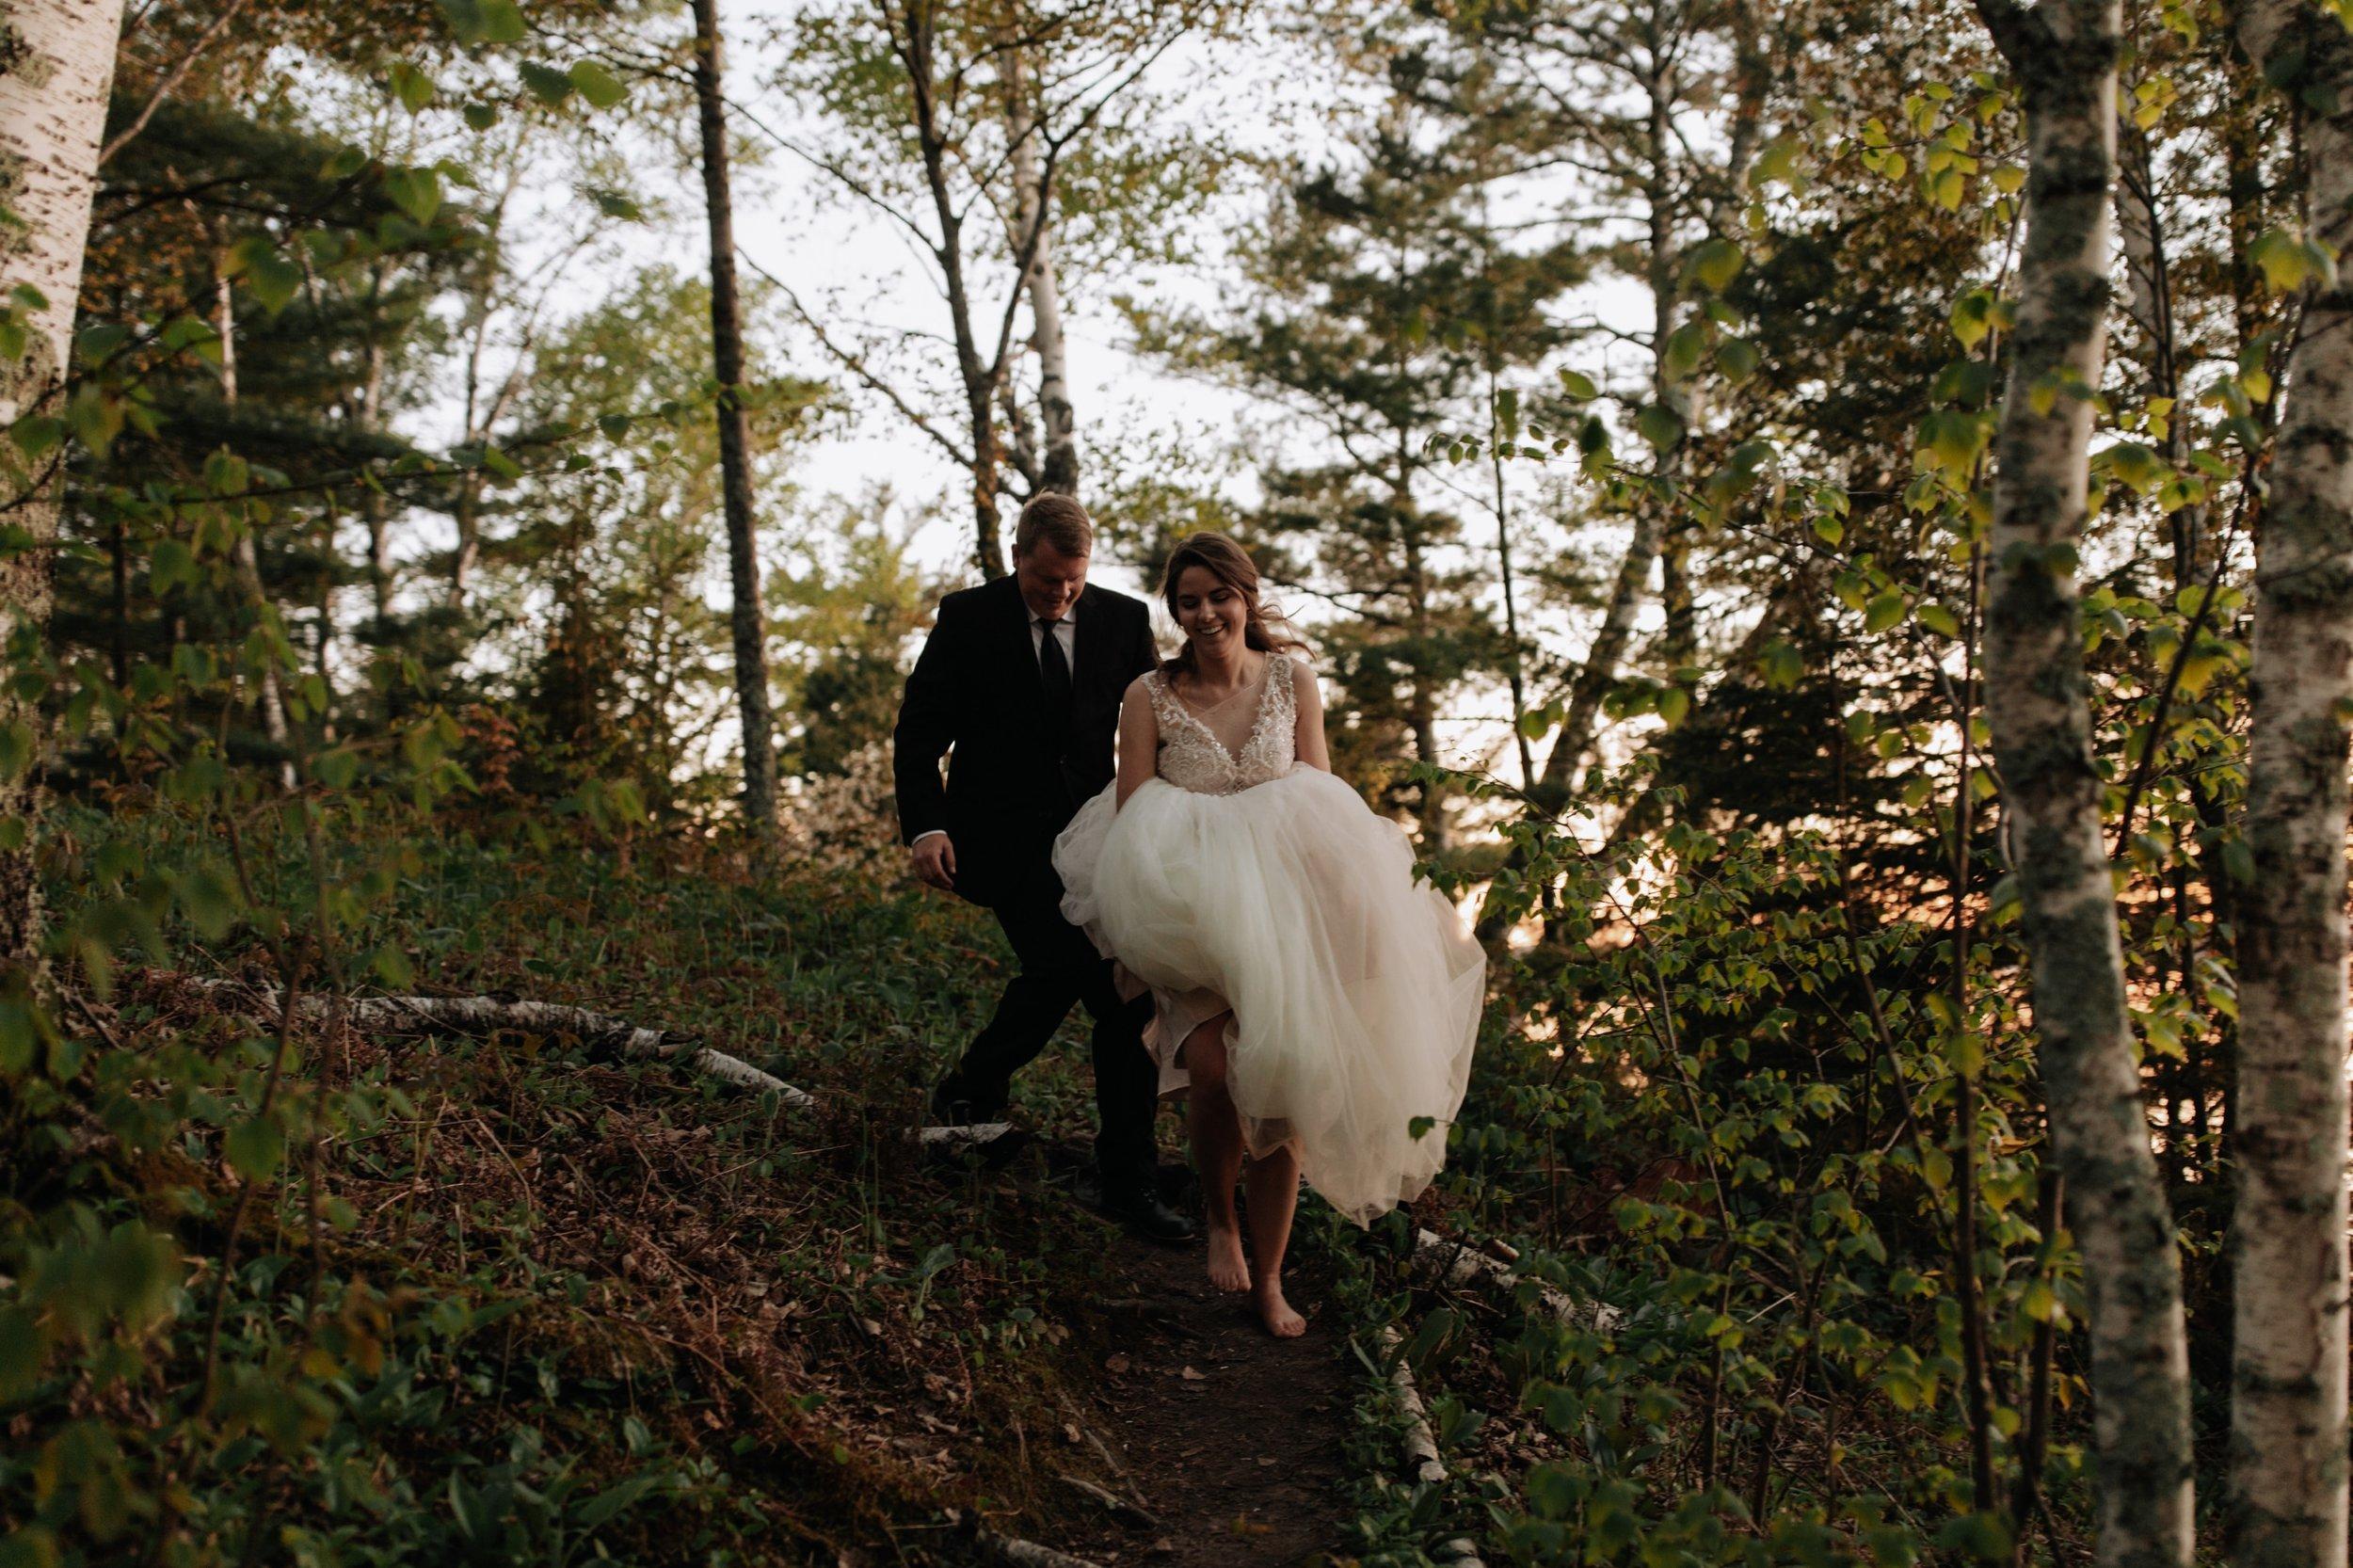 Madeline-Island-Wedding-Photography_66.jpg